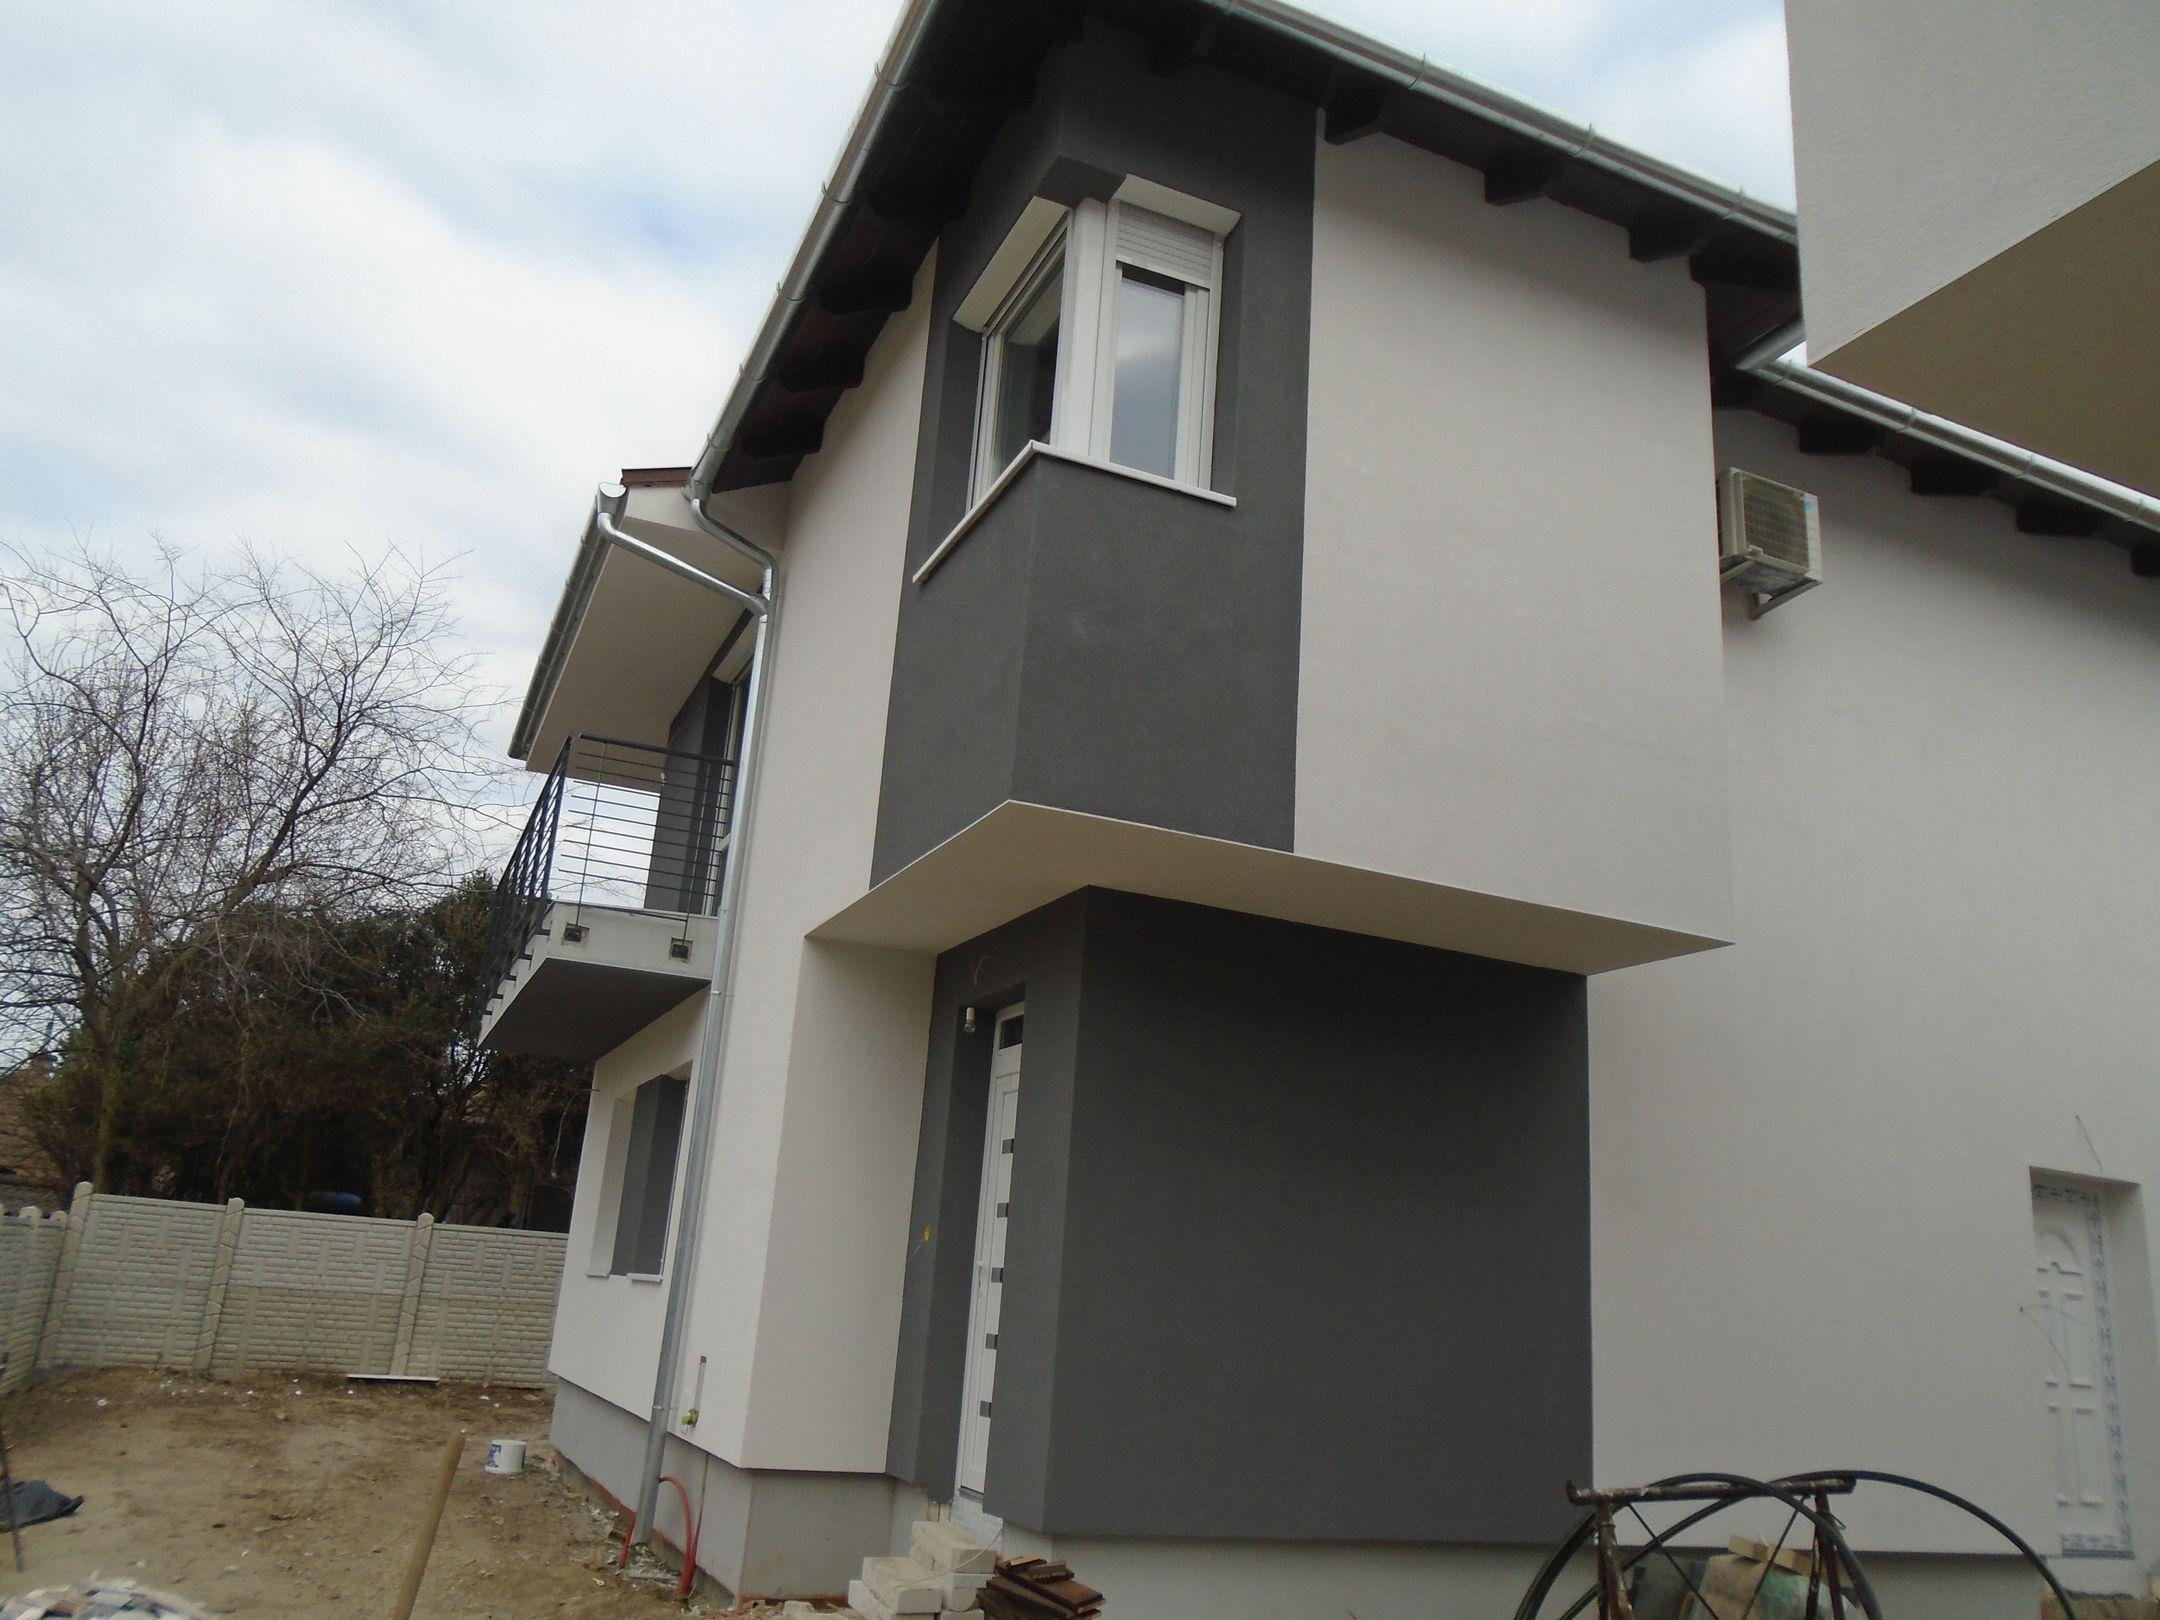 Gyömrő központjában,családi házak között,nyugodt környezetben eladó egy új építésű,belső kétszintes ikerlakás!